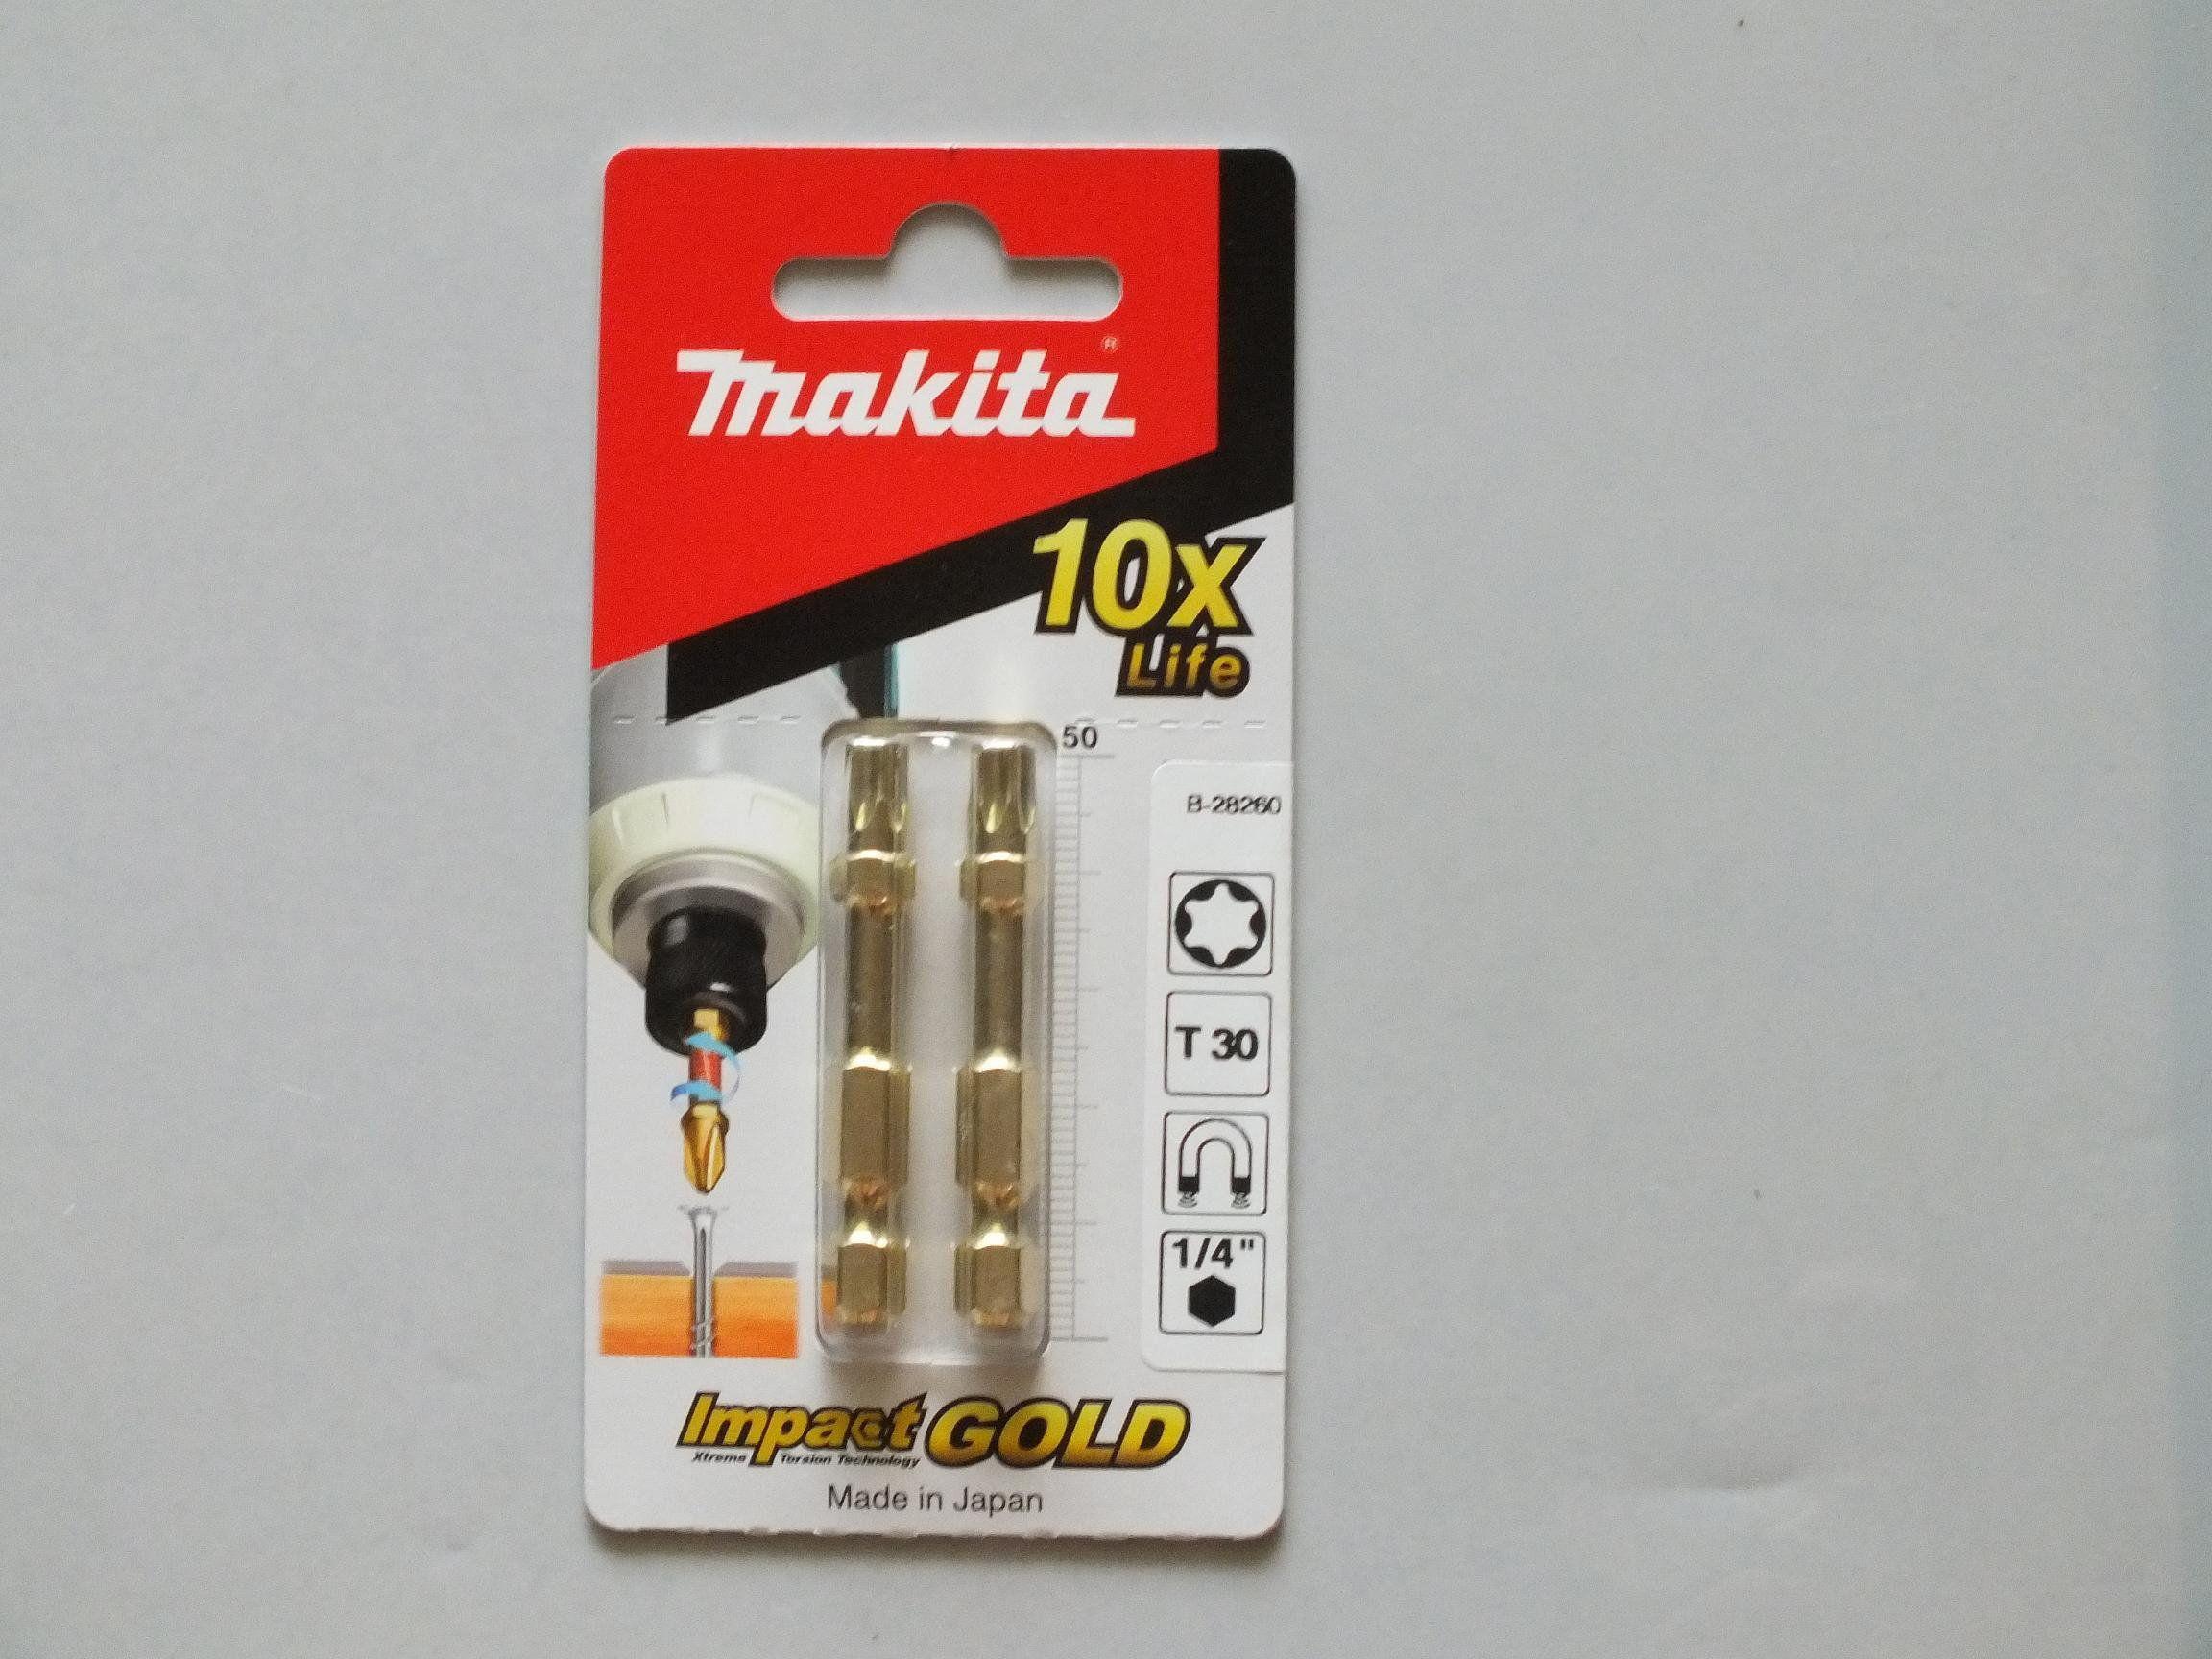 zestaw 2 szt. końcówek udarowych Torx T30/50mm, IMPACT GOLD MAKITA [B-28260]